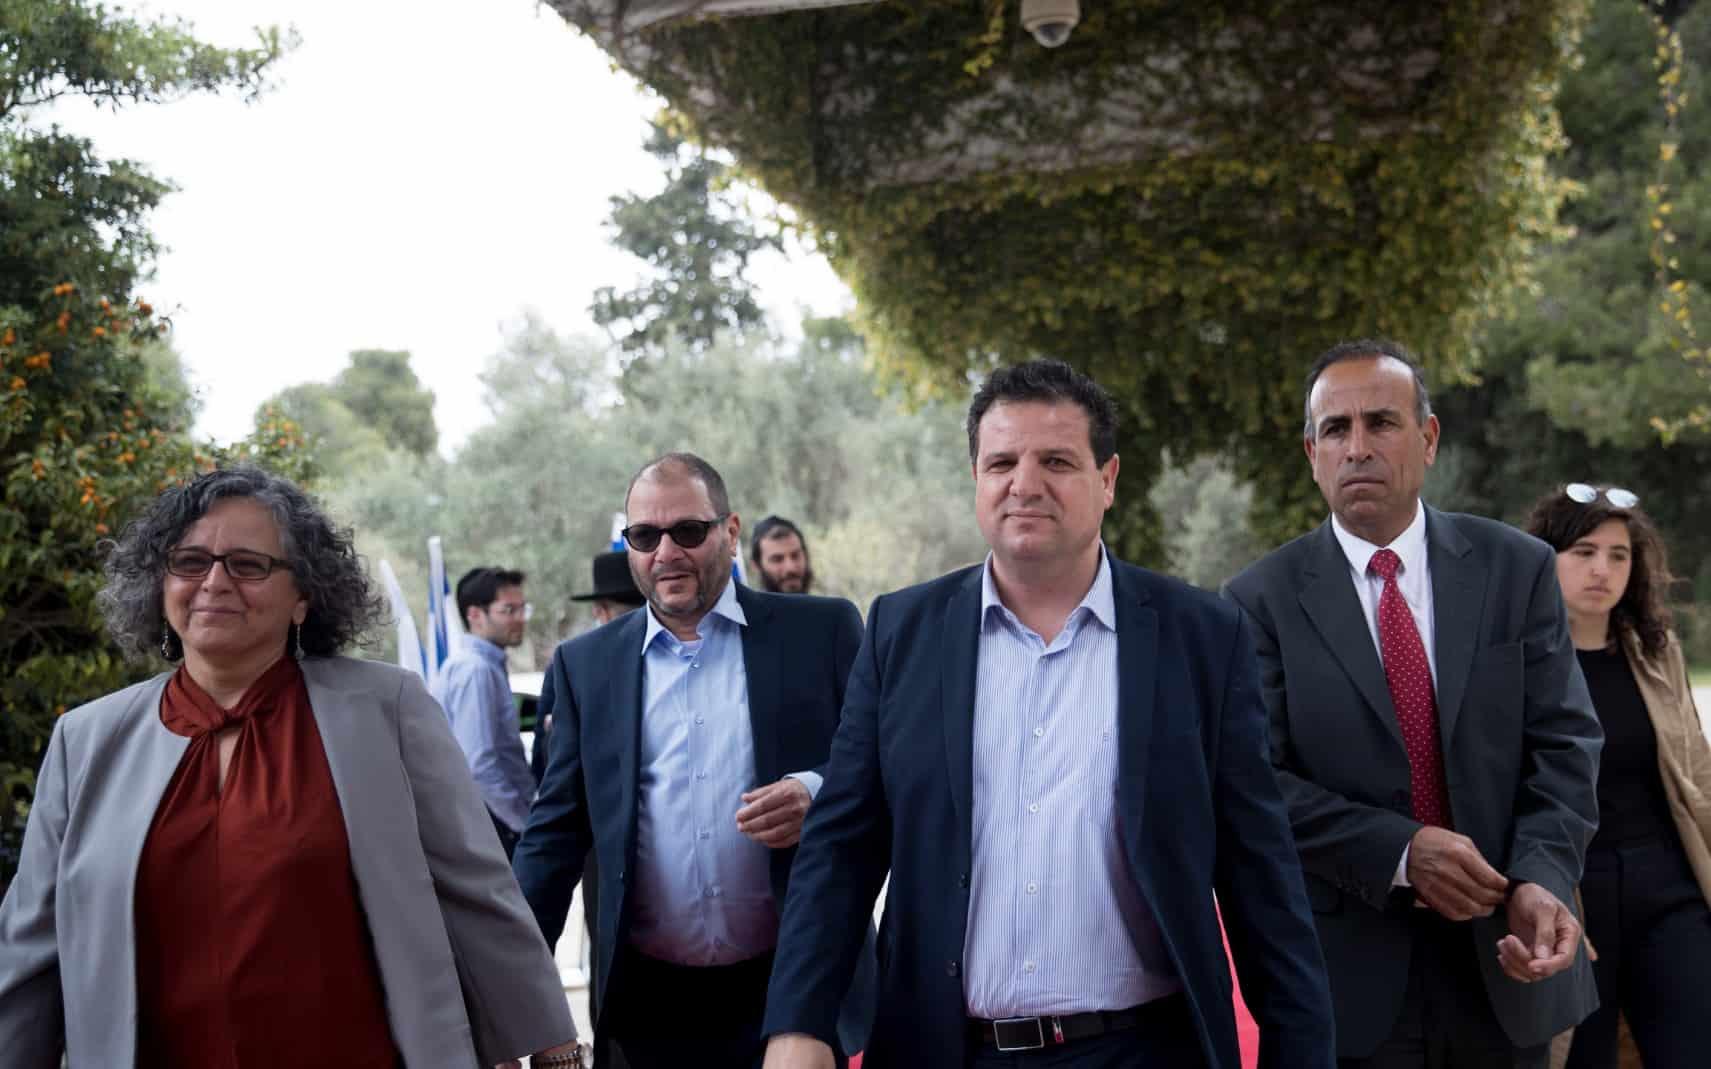 """נציגי חד""""ש-תע""""ל מגיעים לבית הנשיא אחרי הבחירות באפריל, שם לא המליצו על אף מועמד לראשות הממשלה (צילום: יונתן סינדל פלאש 90)"""